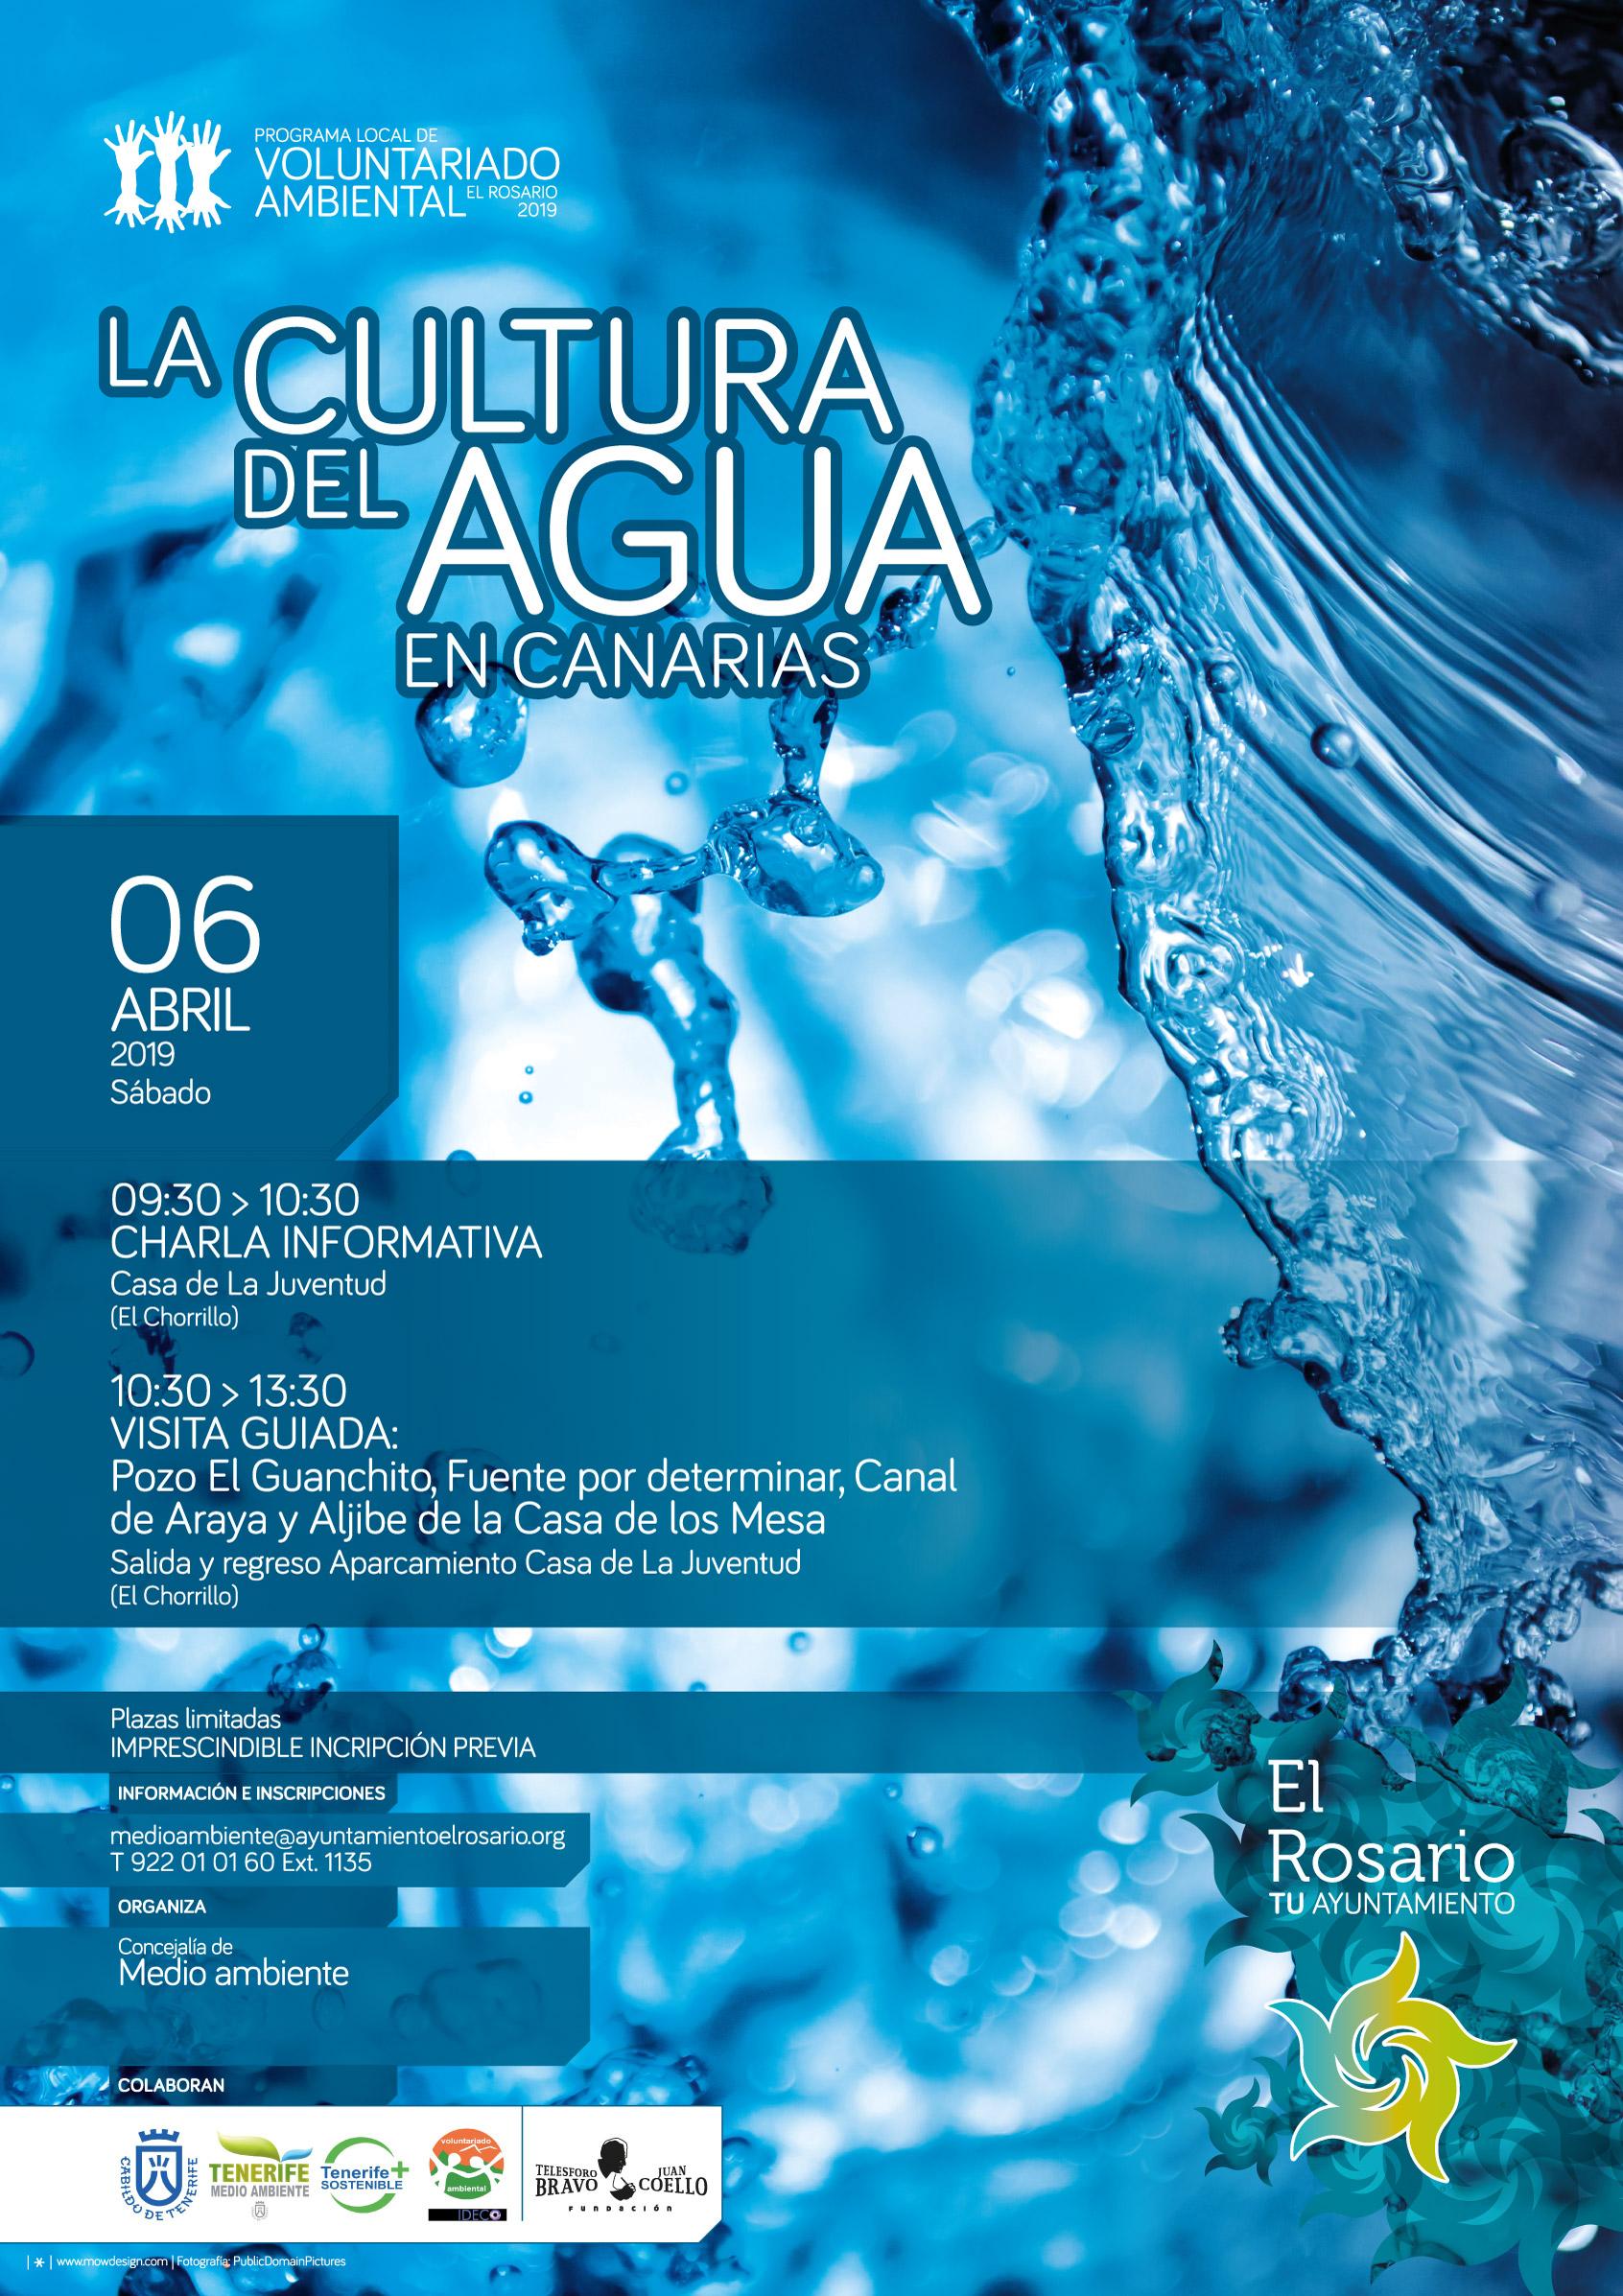 LA_CULTURA-DEL_AGUA_EN-_CANARIAS-20190406-CARTEL_a3-20190401-01af-redes